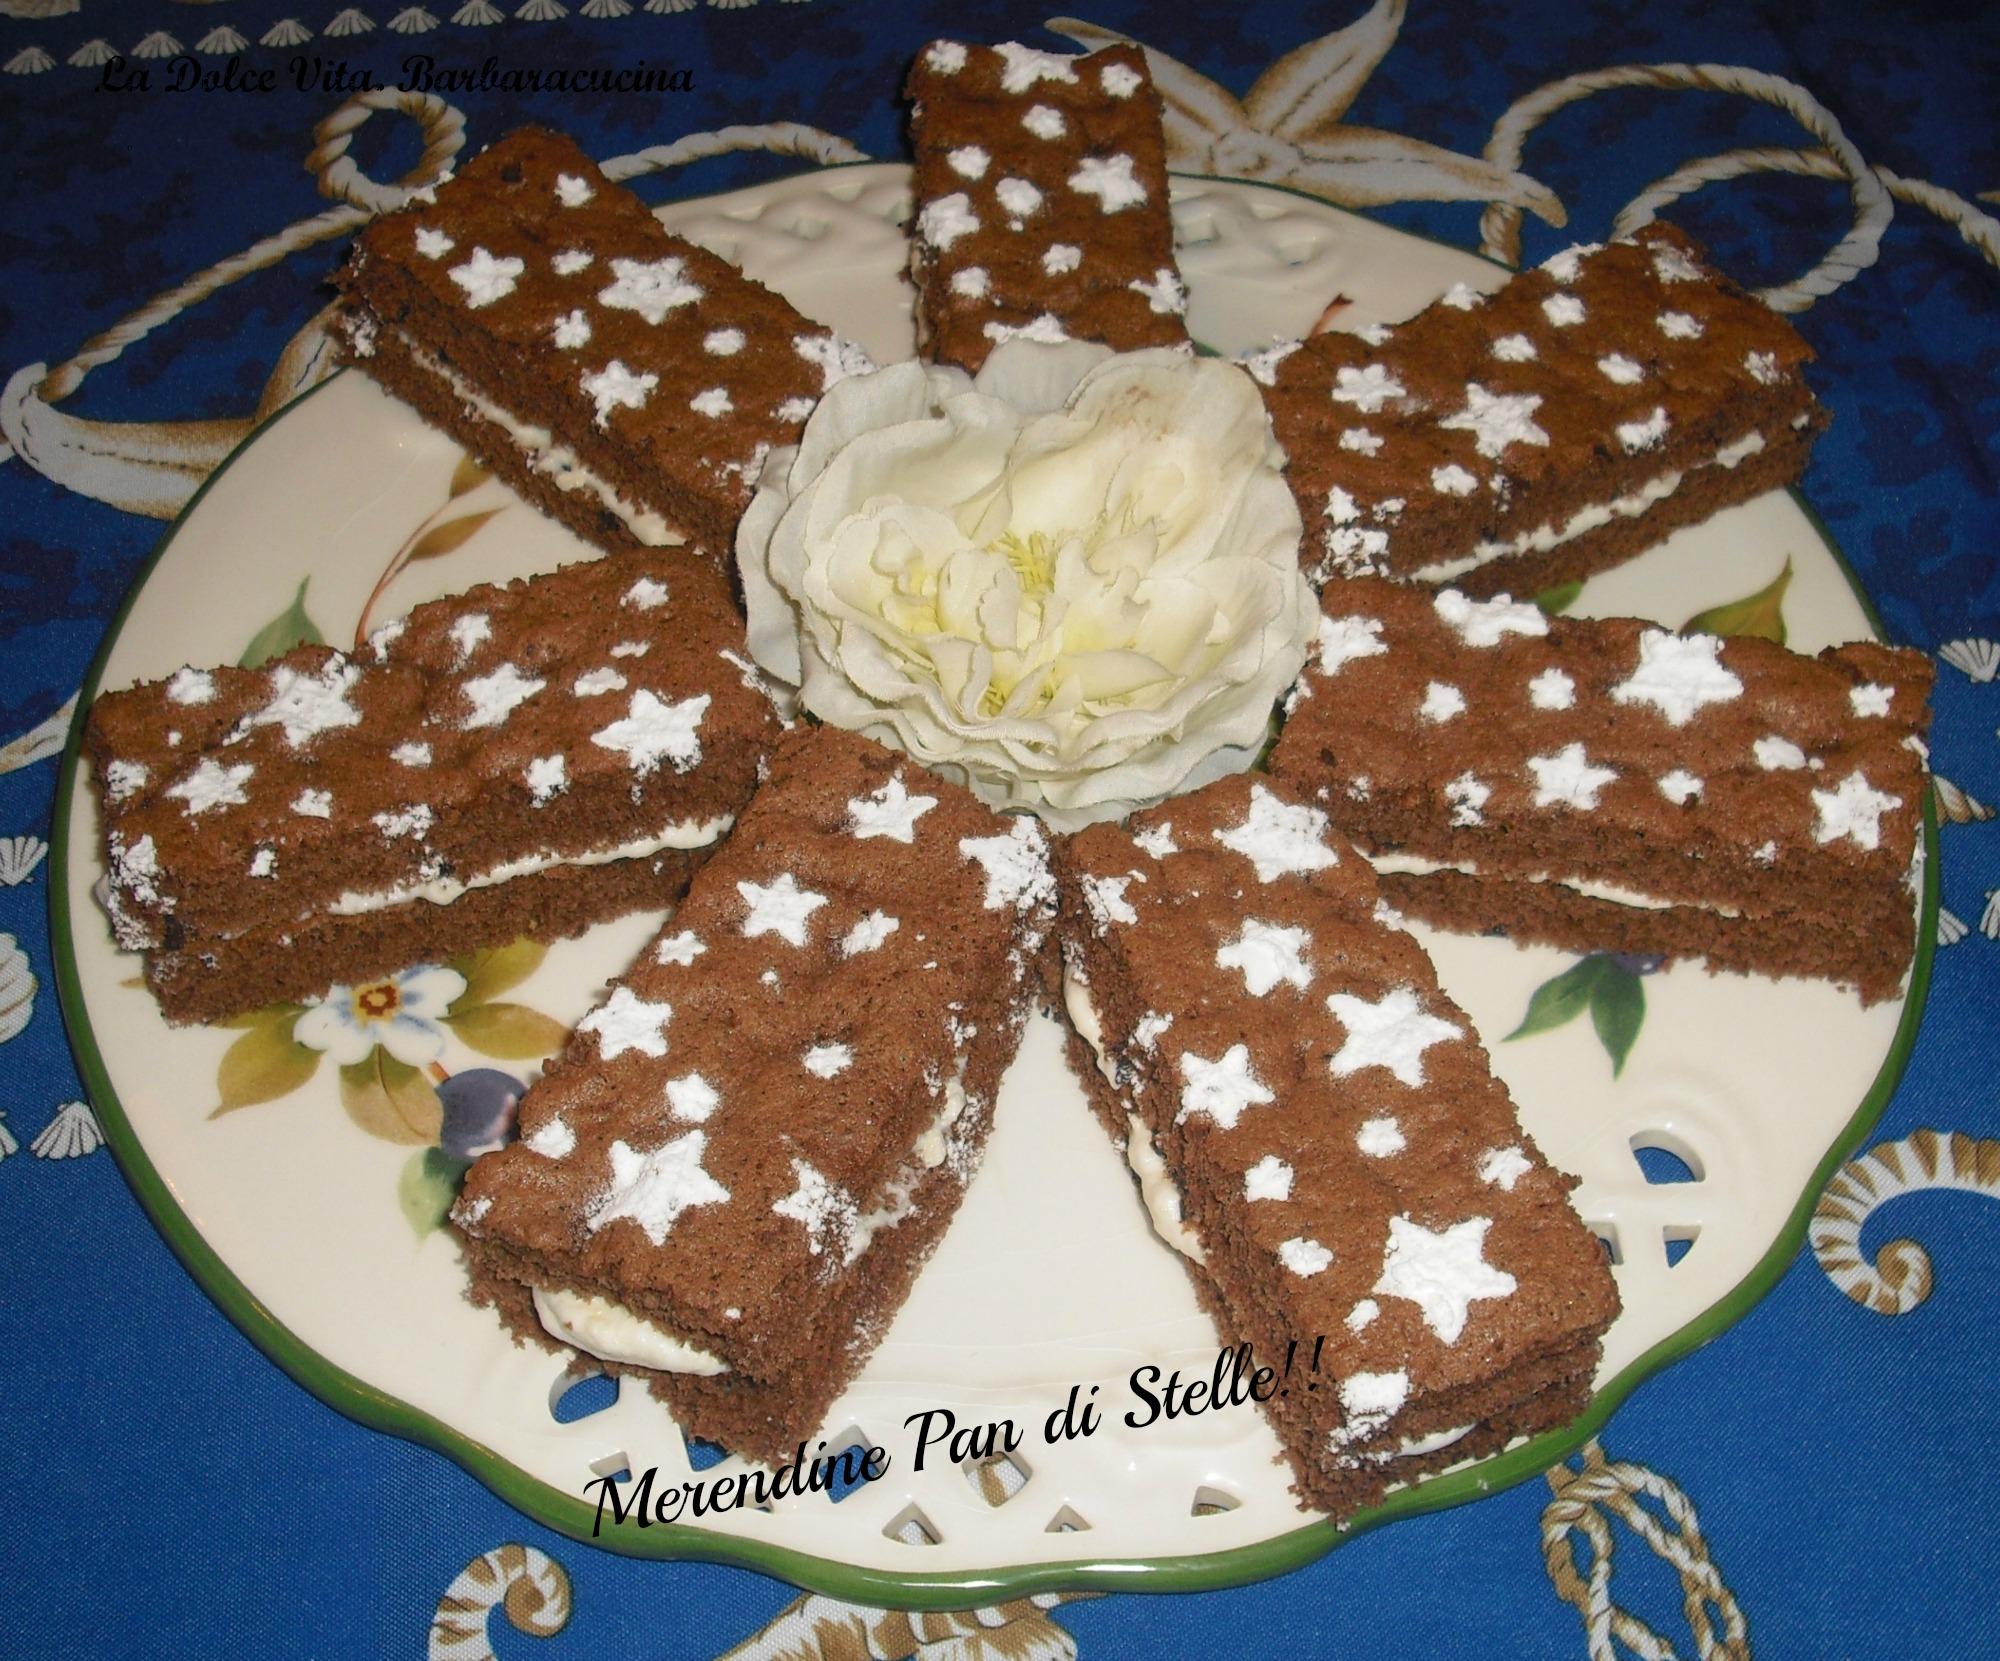 merendina pan di stelle 2